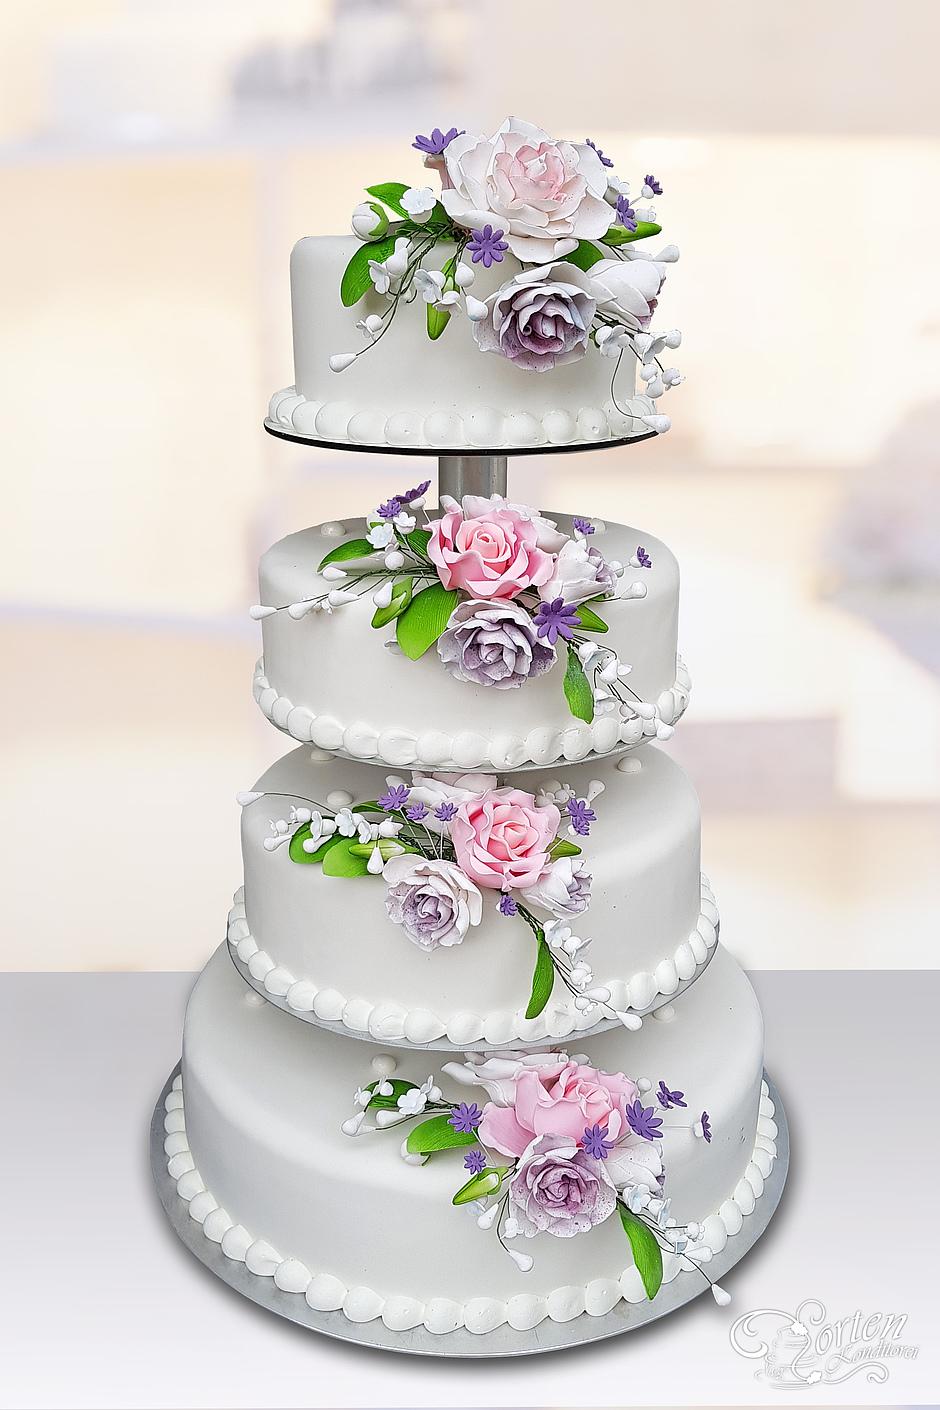 Bezaubernd Hochzeitstorte Lila Das Beste Von Klassische In Violett Und Rosa-ton